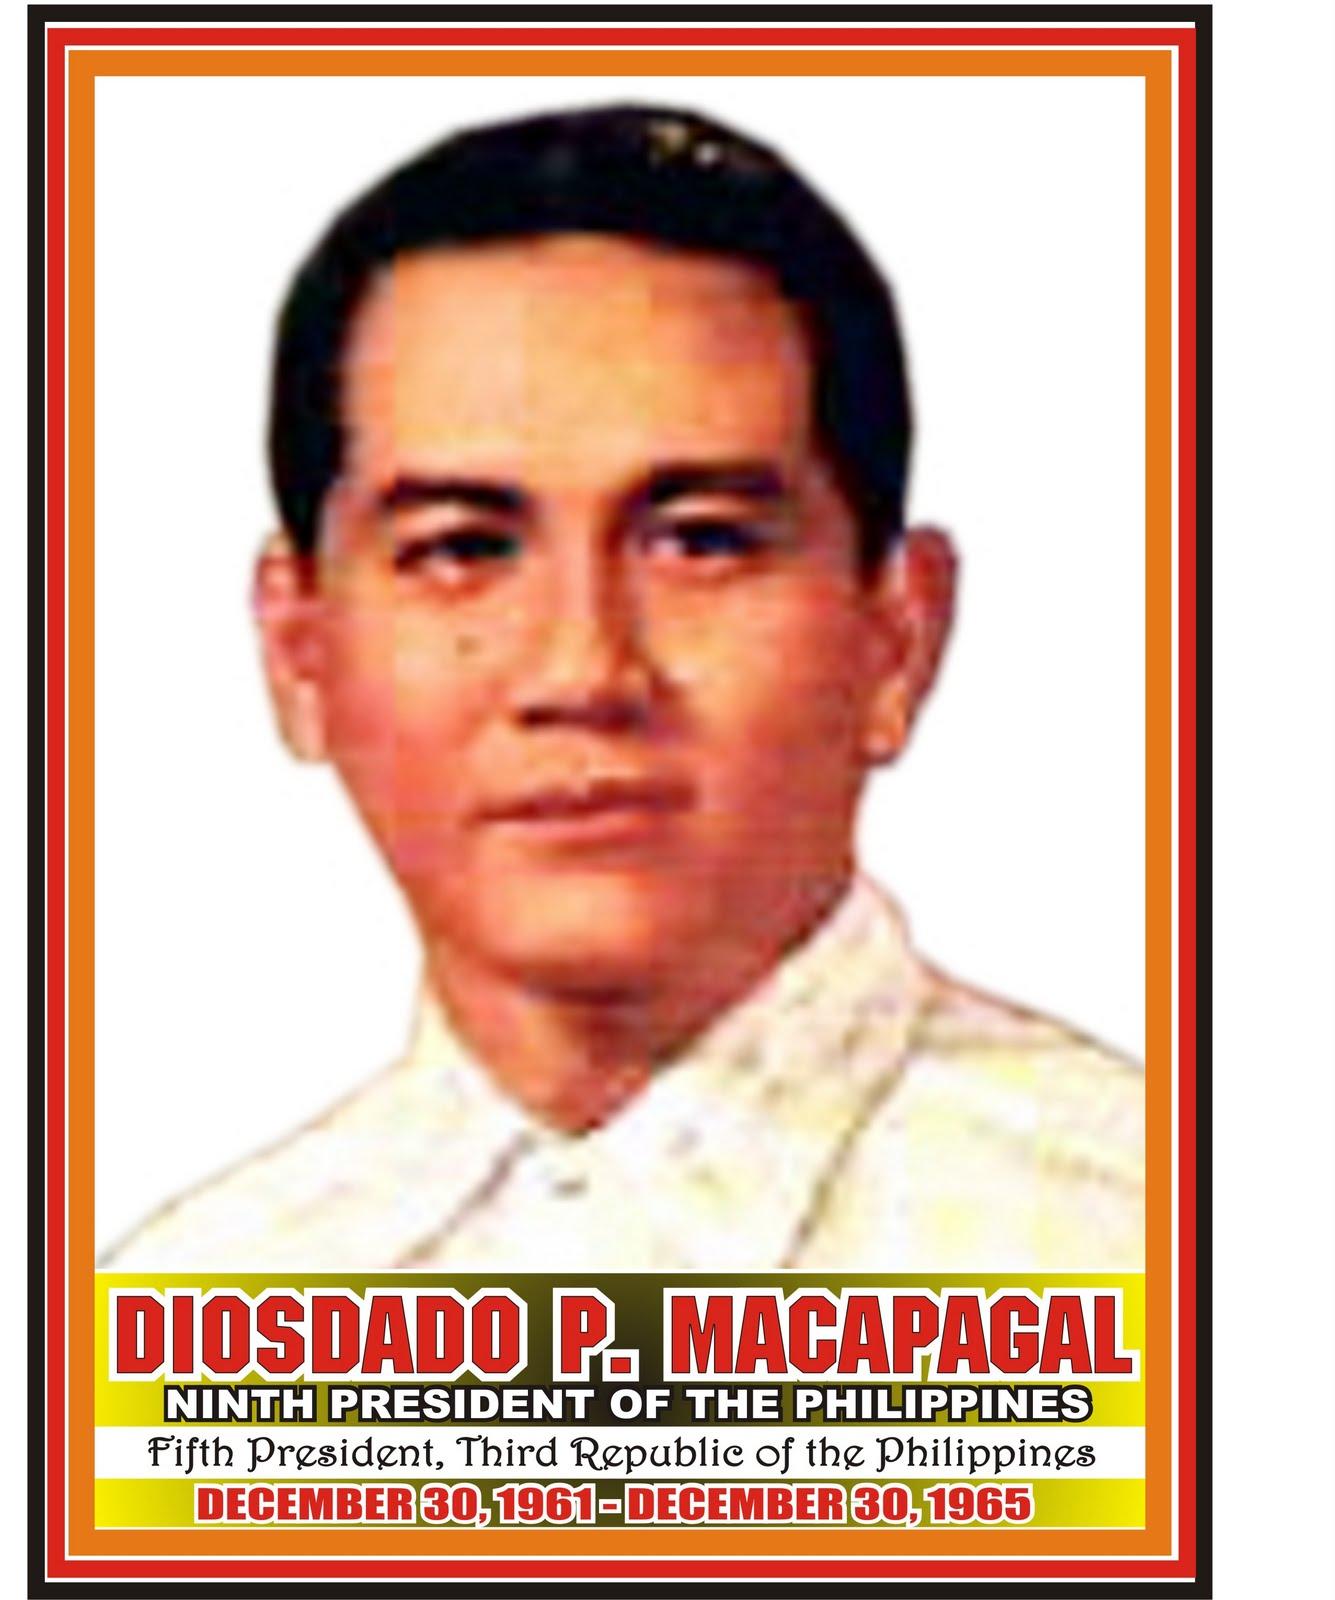 Image Diosdado Macapagal Download